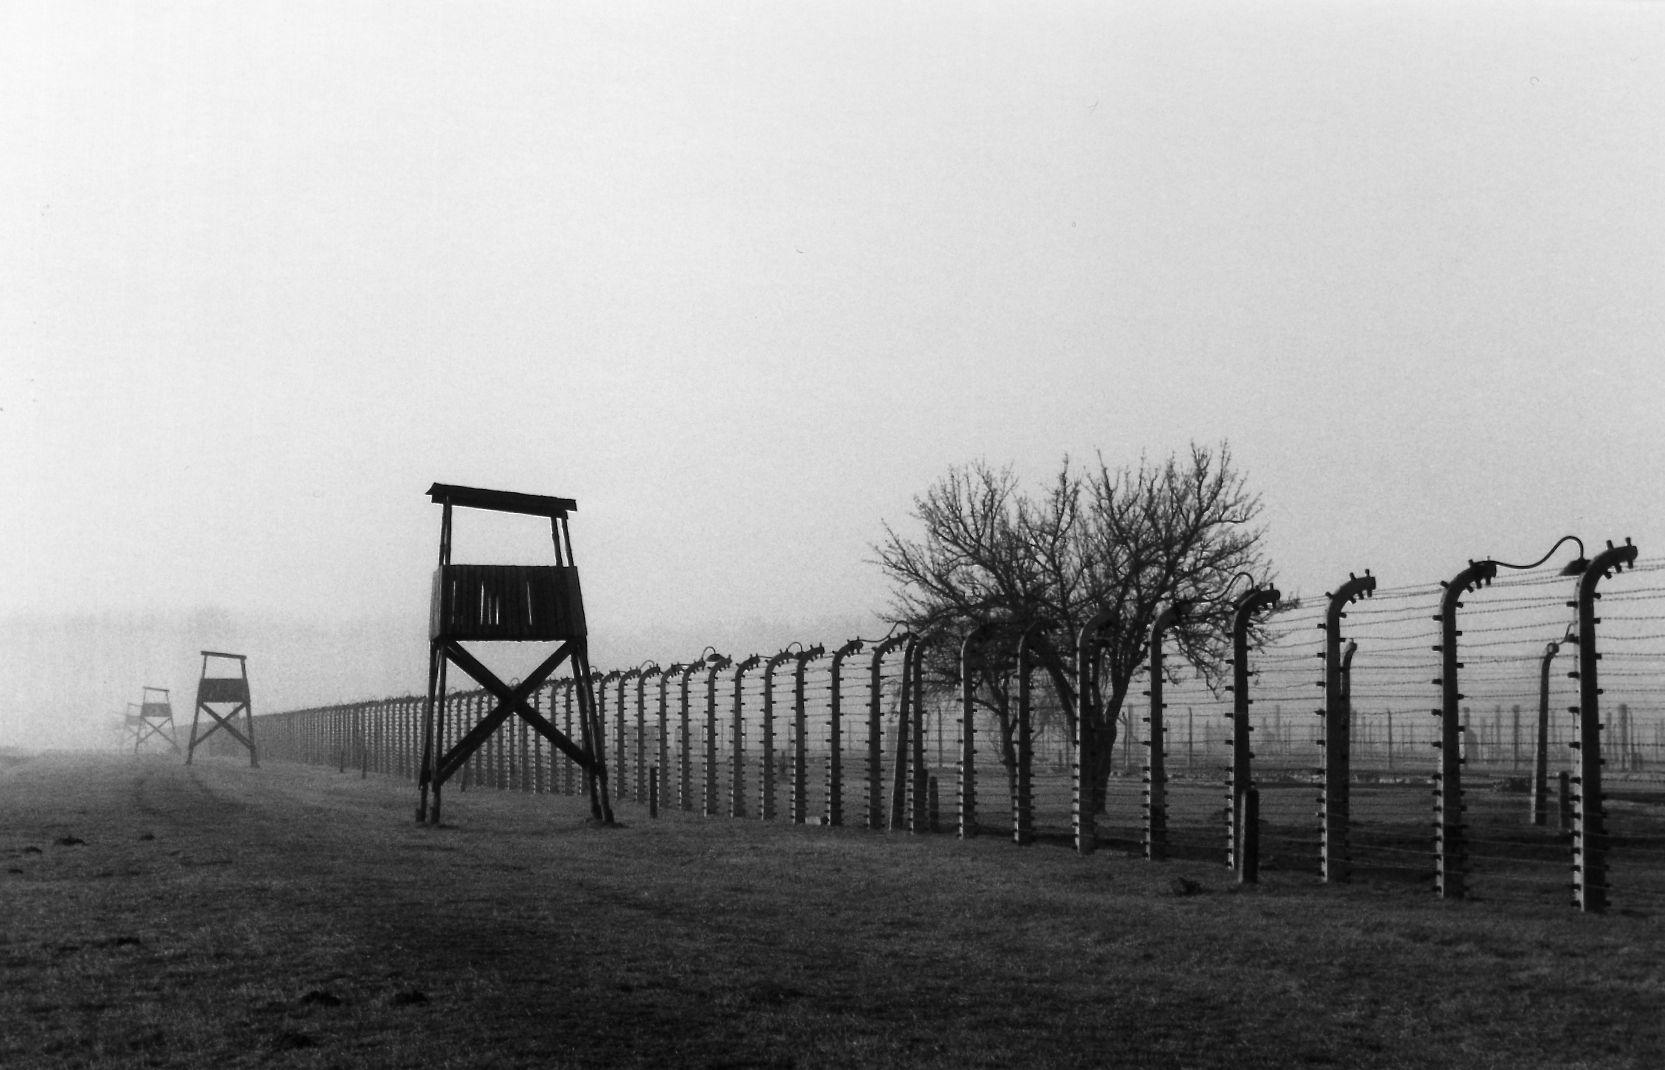 Wachtürme im ehemaligen Vernichtungslager Auschwitz-Birkenau. © Frank Reuter